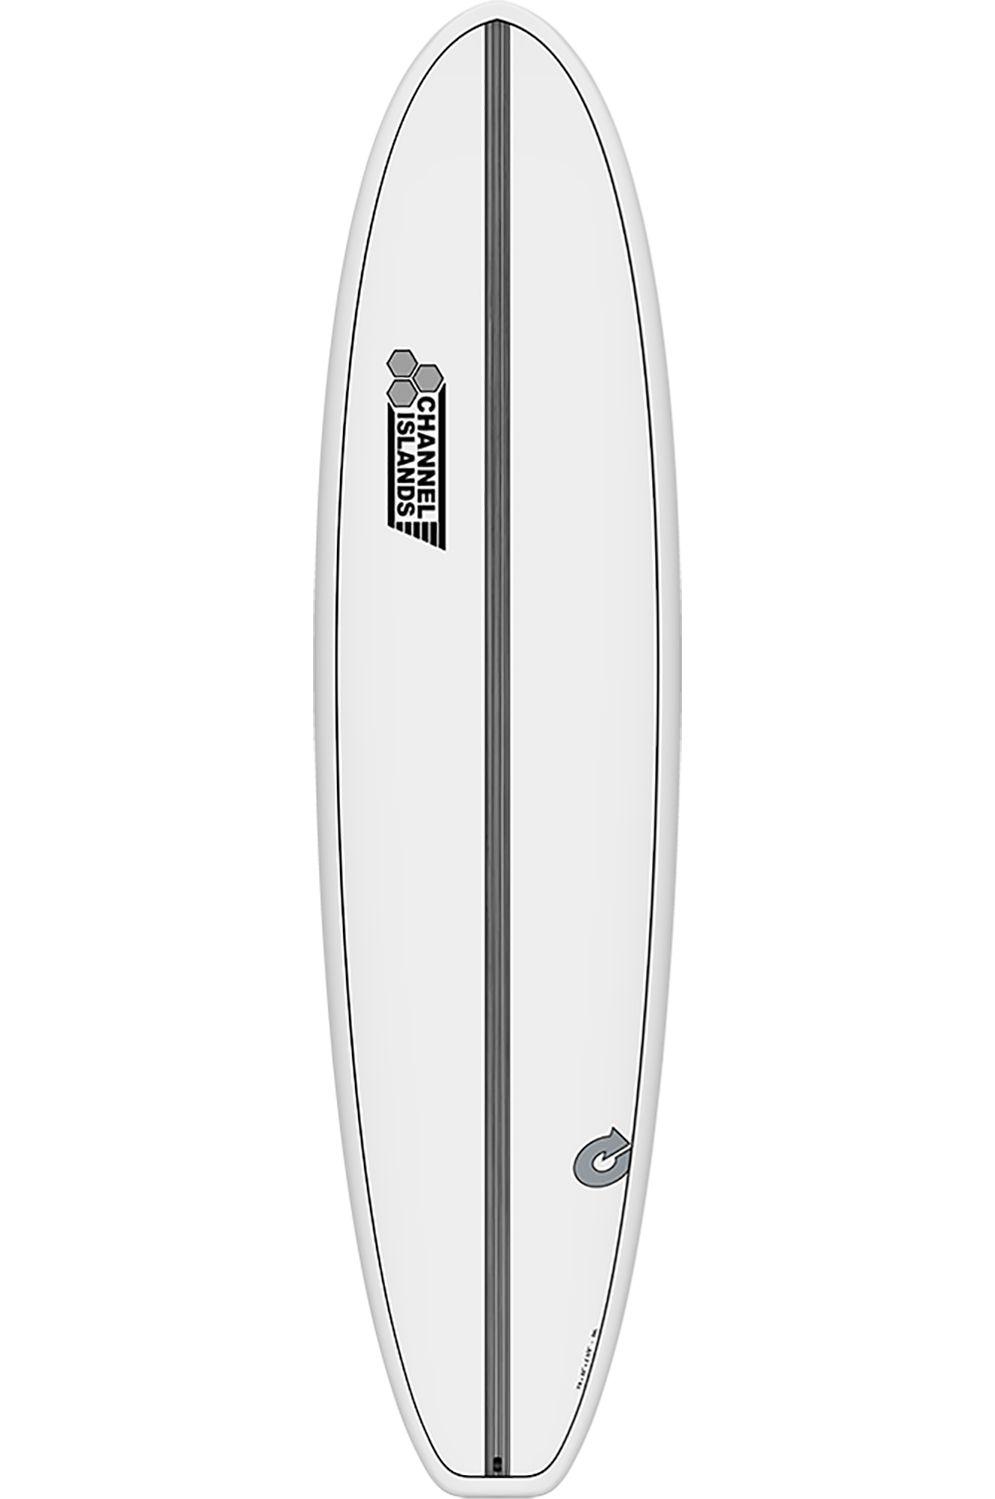 Prancha Surf Torq 8'0 CHANCHO WHITE + PINLINE Squash Tail - White Futures 8ft0